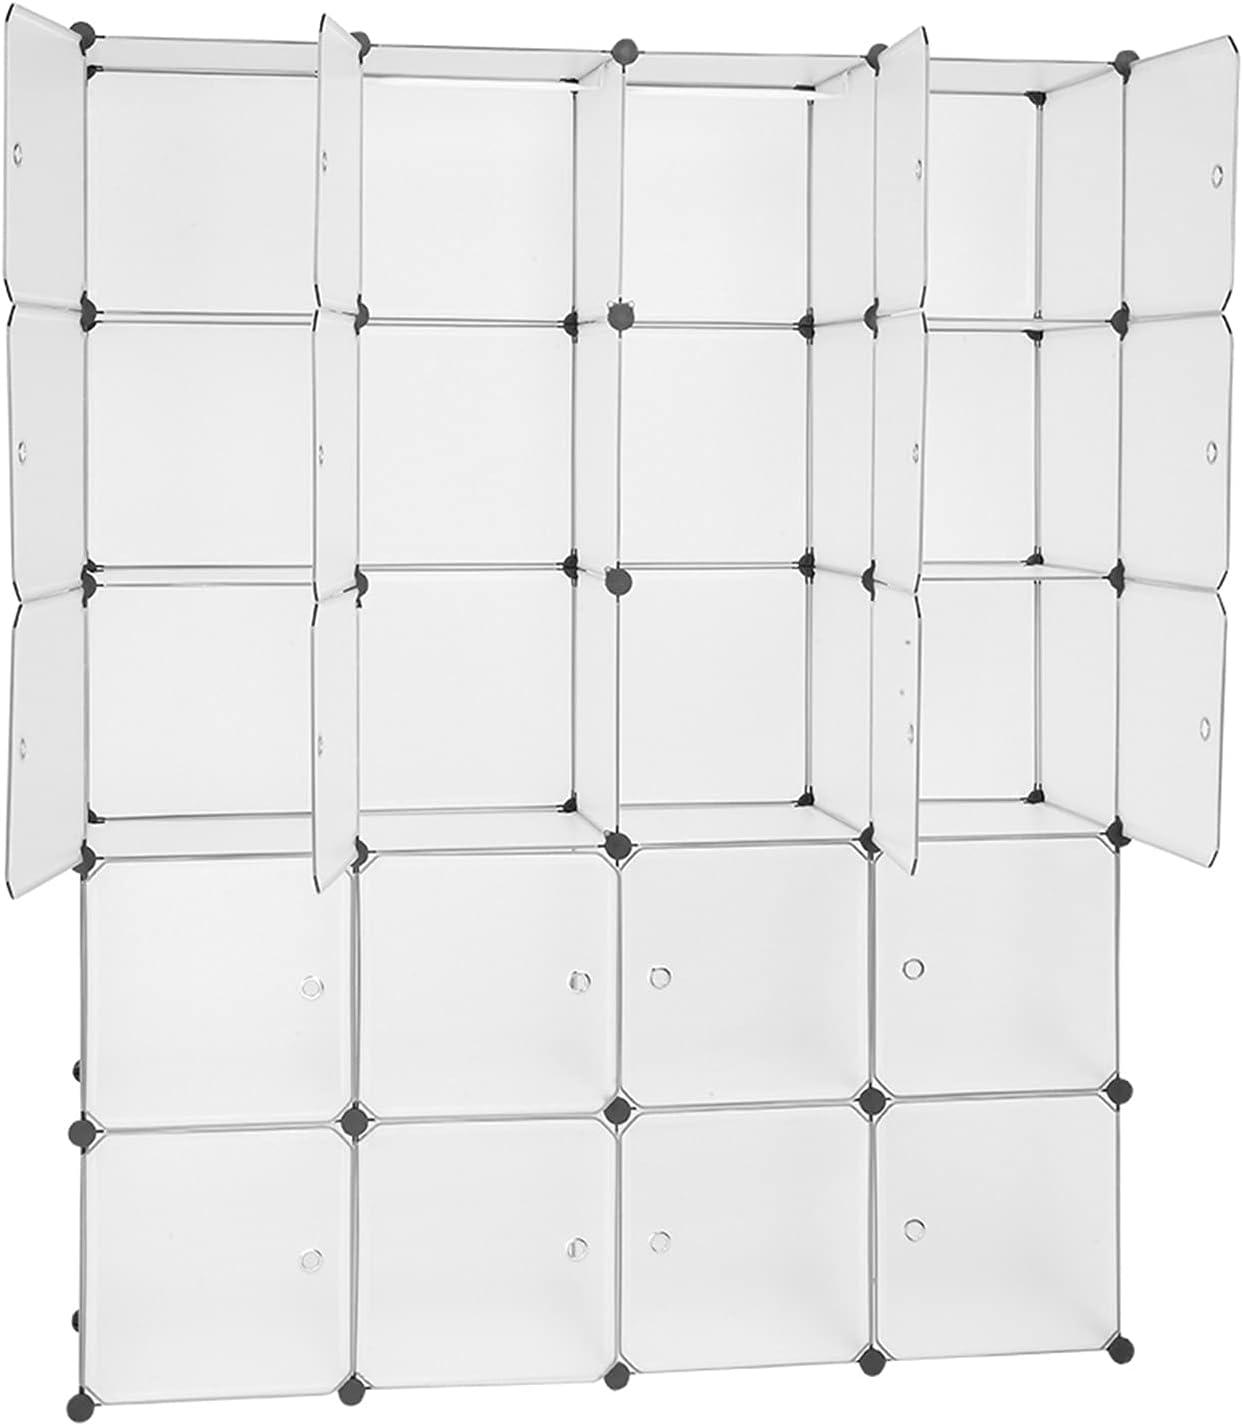 Mushugu gt3-DL Exquisite 20 Storage Max 83% OFF Organizer Cubby Plastic favorite Cube